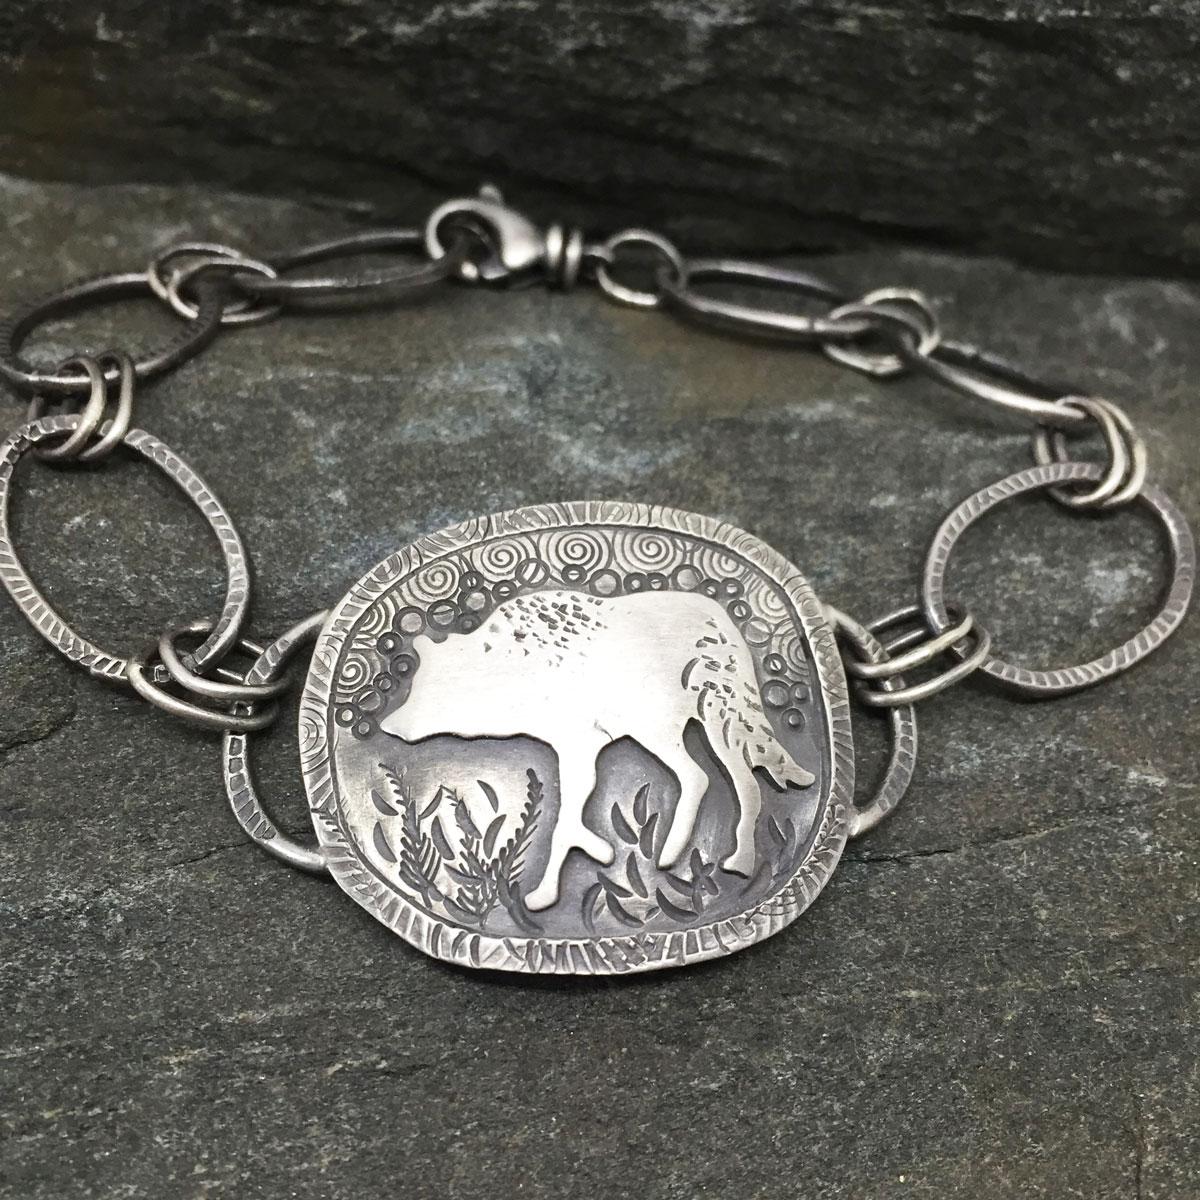 Wolf link bracelet. 2016 (Sold)